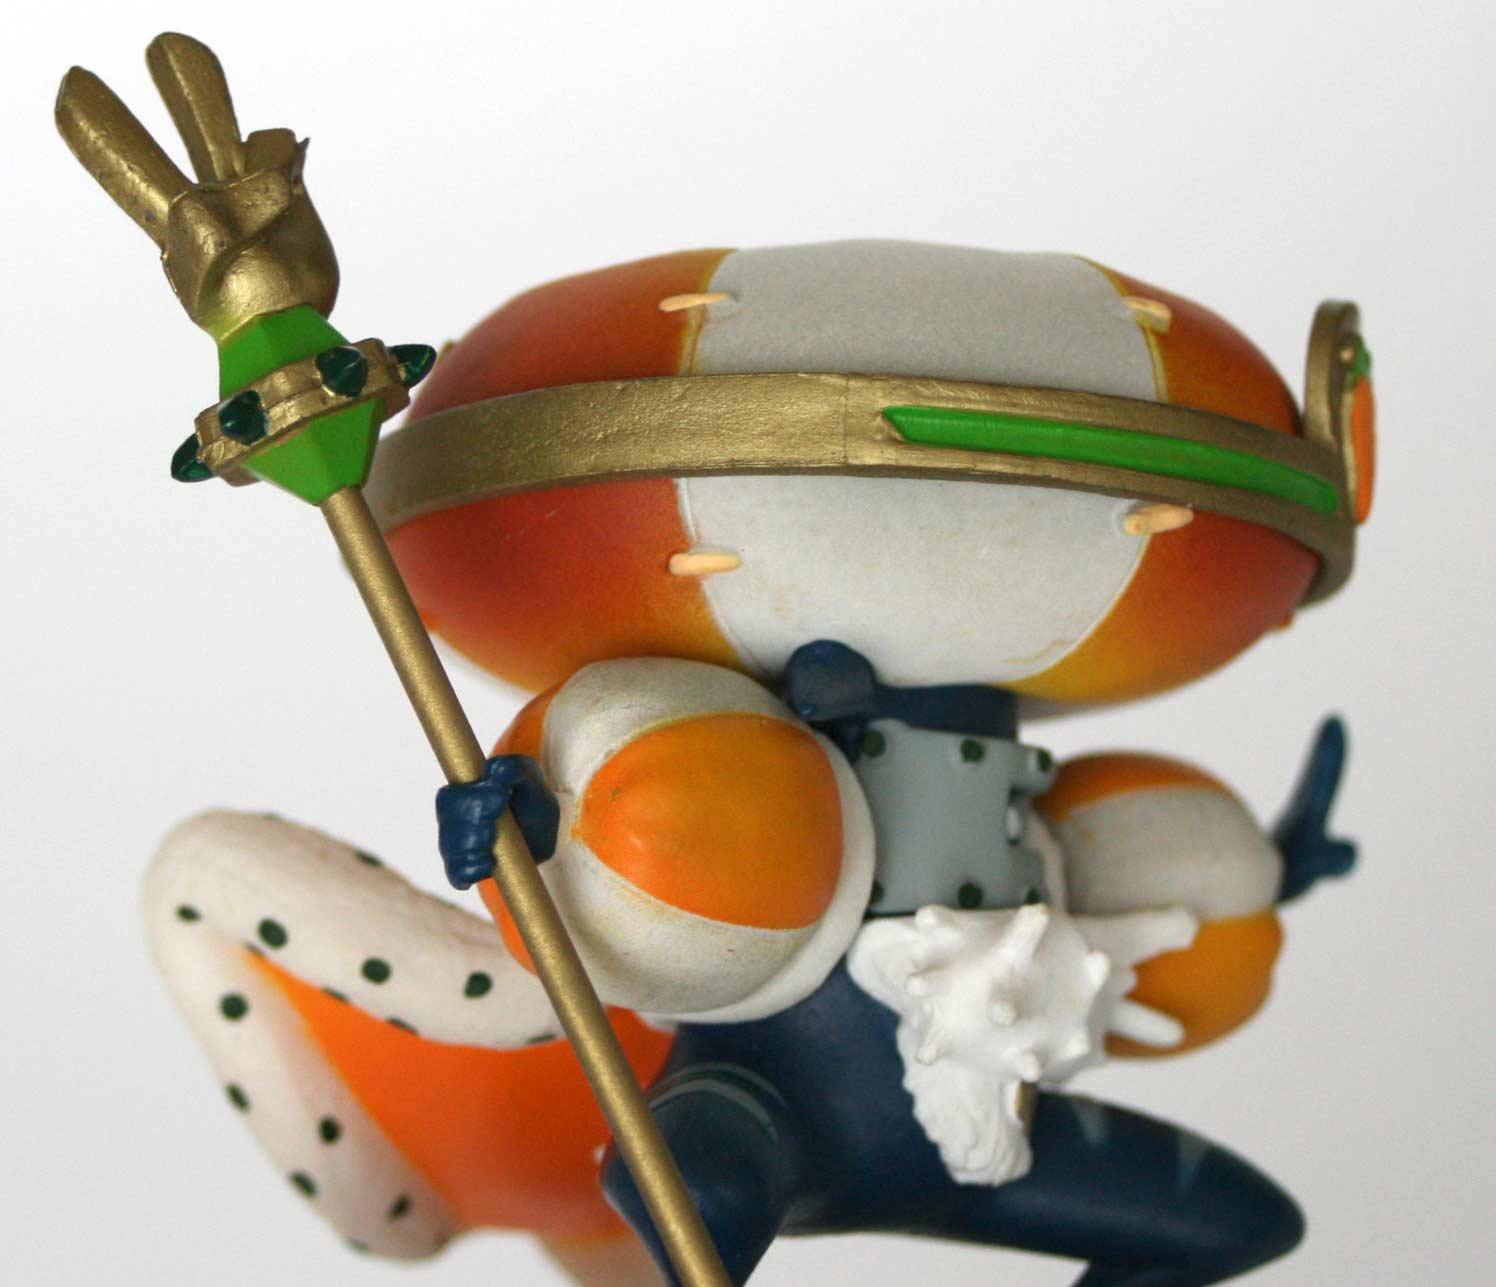 Wa_Wabbit_Dofus_figurine_14